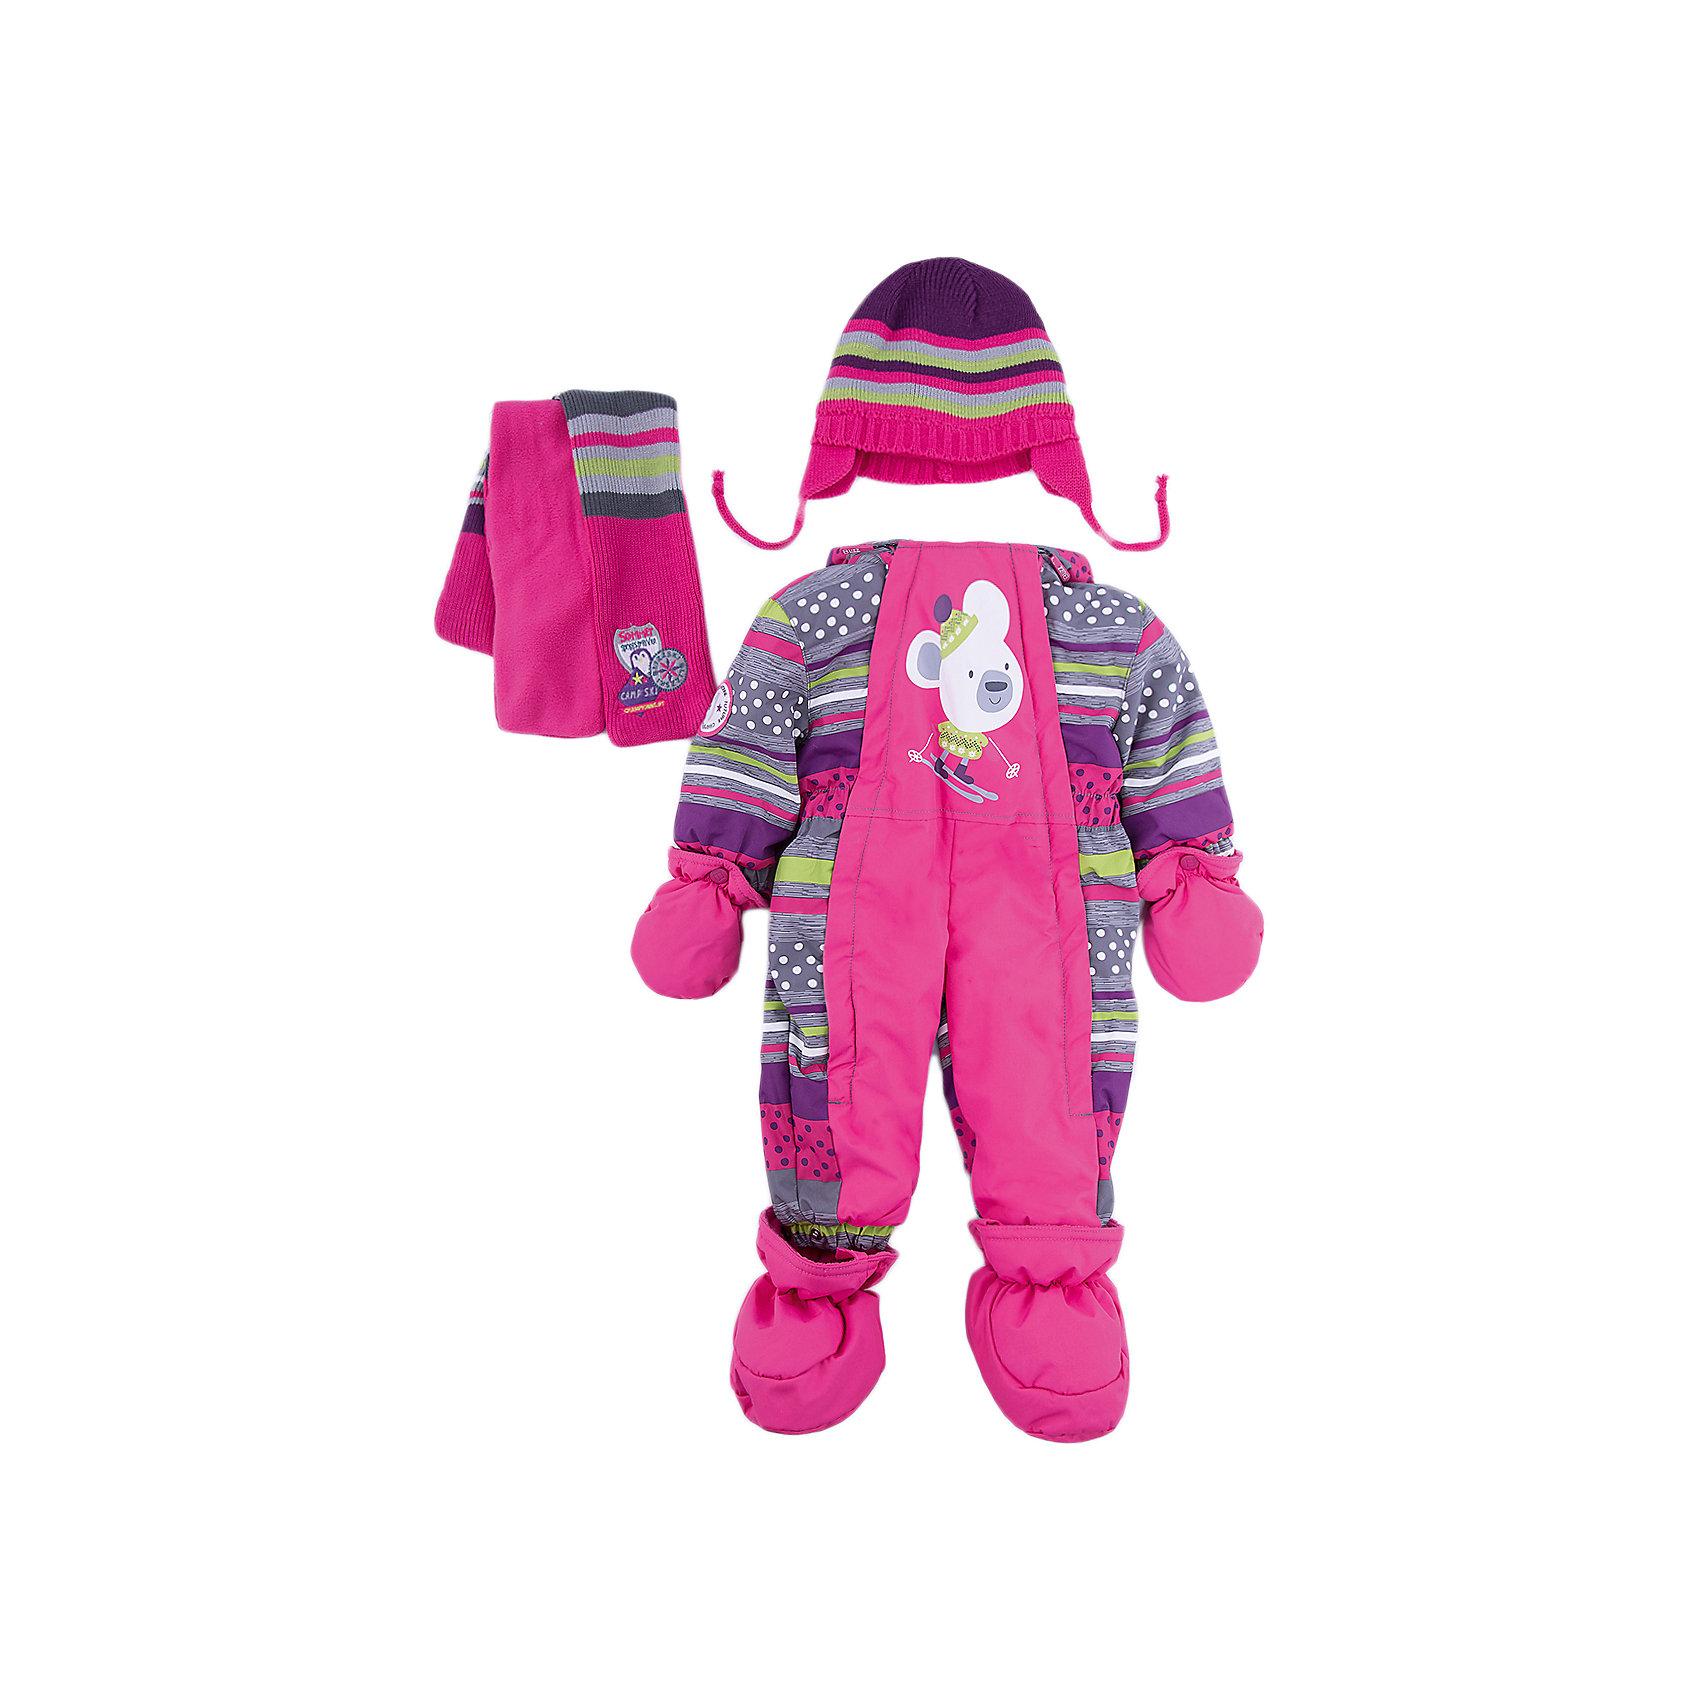 Комбинезон BLIZZ для девочкиВерхняя одежда<br>Характеристики товара:<br><br>• цвет: лиловый<br>• комплектация: комбинезон, варежки, пинетки, шарф, шапка<br>• состав ткани: полиэстер<br>• подкладка: флис <br>• утеплитель: тек-полифилл<br>• сезон: зима<br>• мембранное покрытие<br>• температурный режим: от -40 до 0<br>• водонепроницаемость: 5000 мм <br>• паропроницаемость: 5000 г/м2<br>• плотность утеплителя: 220 г/м2<br>• пинетки и рукавицы: съемные<br>• капюшон: несъемный, с мехом<br>• застежка: молния<br>• страна бренда: Канада<br>• страна изготовитель: Китай<br><br>Зимний комбинезон для ребенка укомплектован стильными варежками, пинетками, шарфом и шапкой. Верх детского комбинезона также обеспечит защиту от грязи, влаги и ветра. Подкладка детского комбинезона для зимы приятная на ощупь. Практичный мембранный комбинезон Blizz для девочки сделан легкого, но теплого материала. <br><br>Комбинезон Blizz (Близ) для девочки можно купить в нашем интернет-магазине.<br><br>Ширина мм: 356<br>Глубина мм: 10<br>Высота мм: 245<br>Вес г: 519<br>Цвет: лиловый<br>Возраст от месяцев: 12<br>Возраст до месяцев: 15<br>Пол: Женский<br>Возраст: Детский<br>Размер: 80,92,86<br>SKU: 7131307